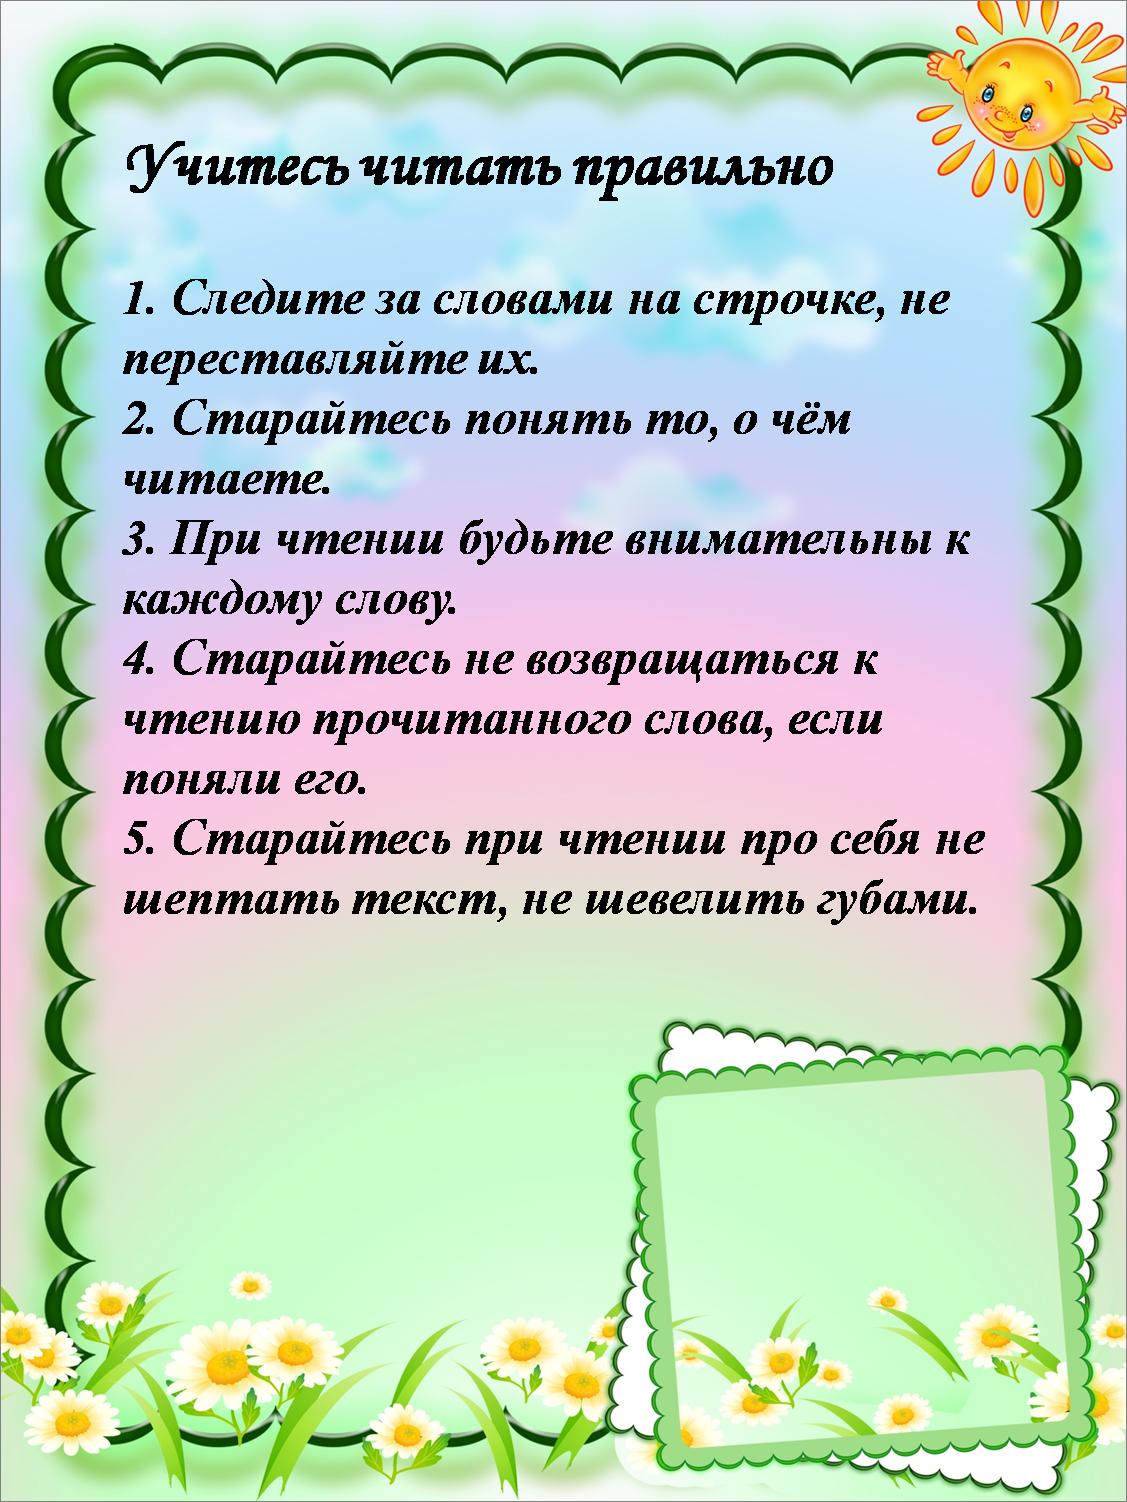 C:\Users\Наталья\Desktop\читательский\pamjatka_1.png